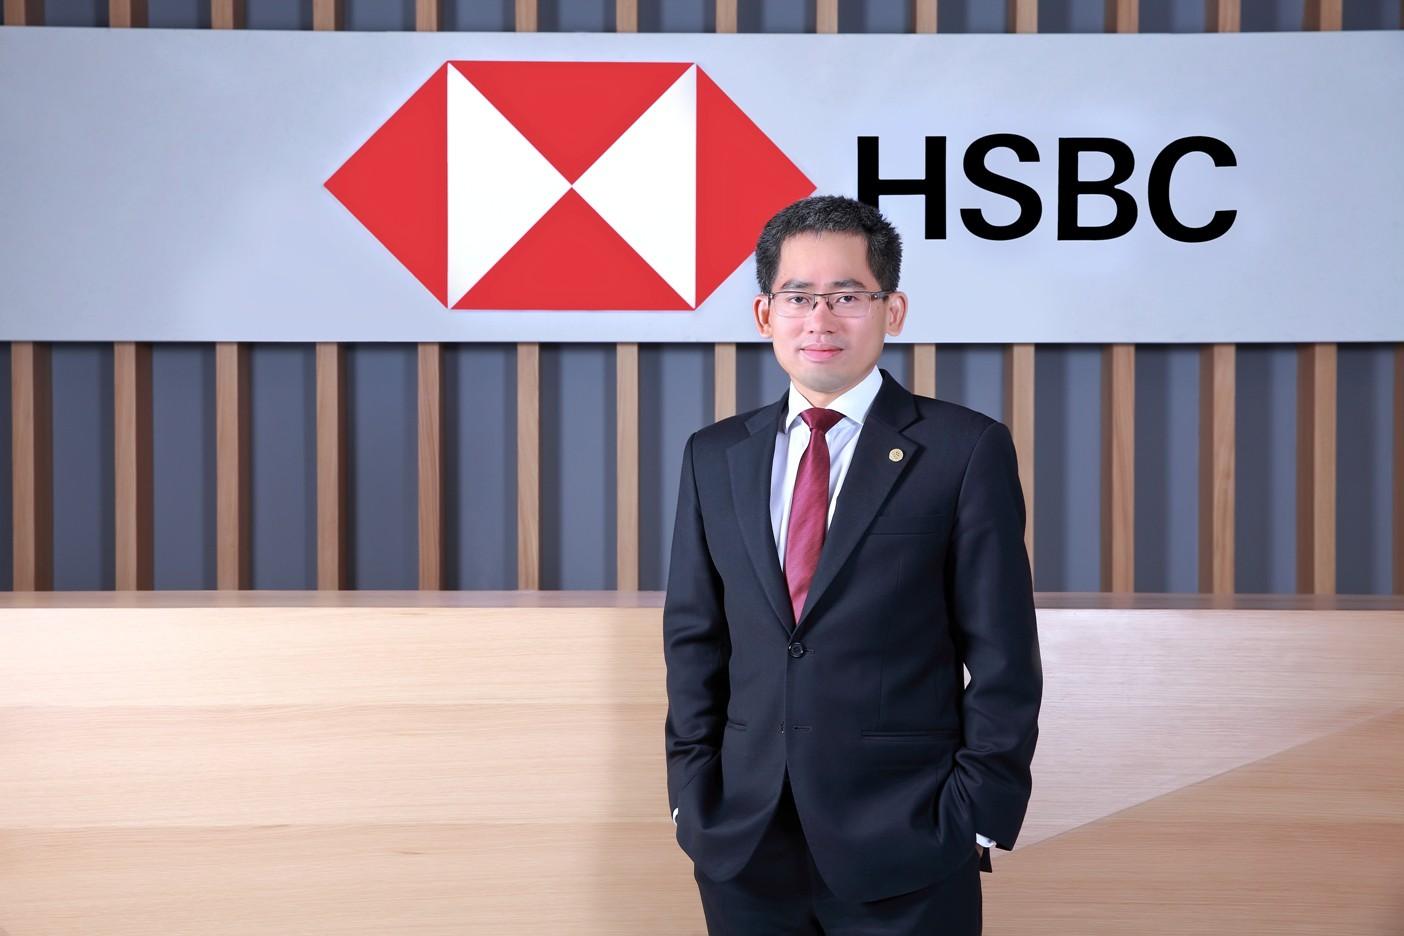 HSBC: Dệt may được kì vọng hưởng lợi nhiều nhất từ EVFTA